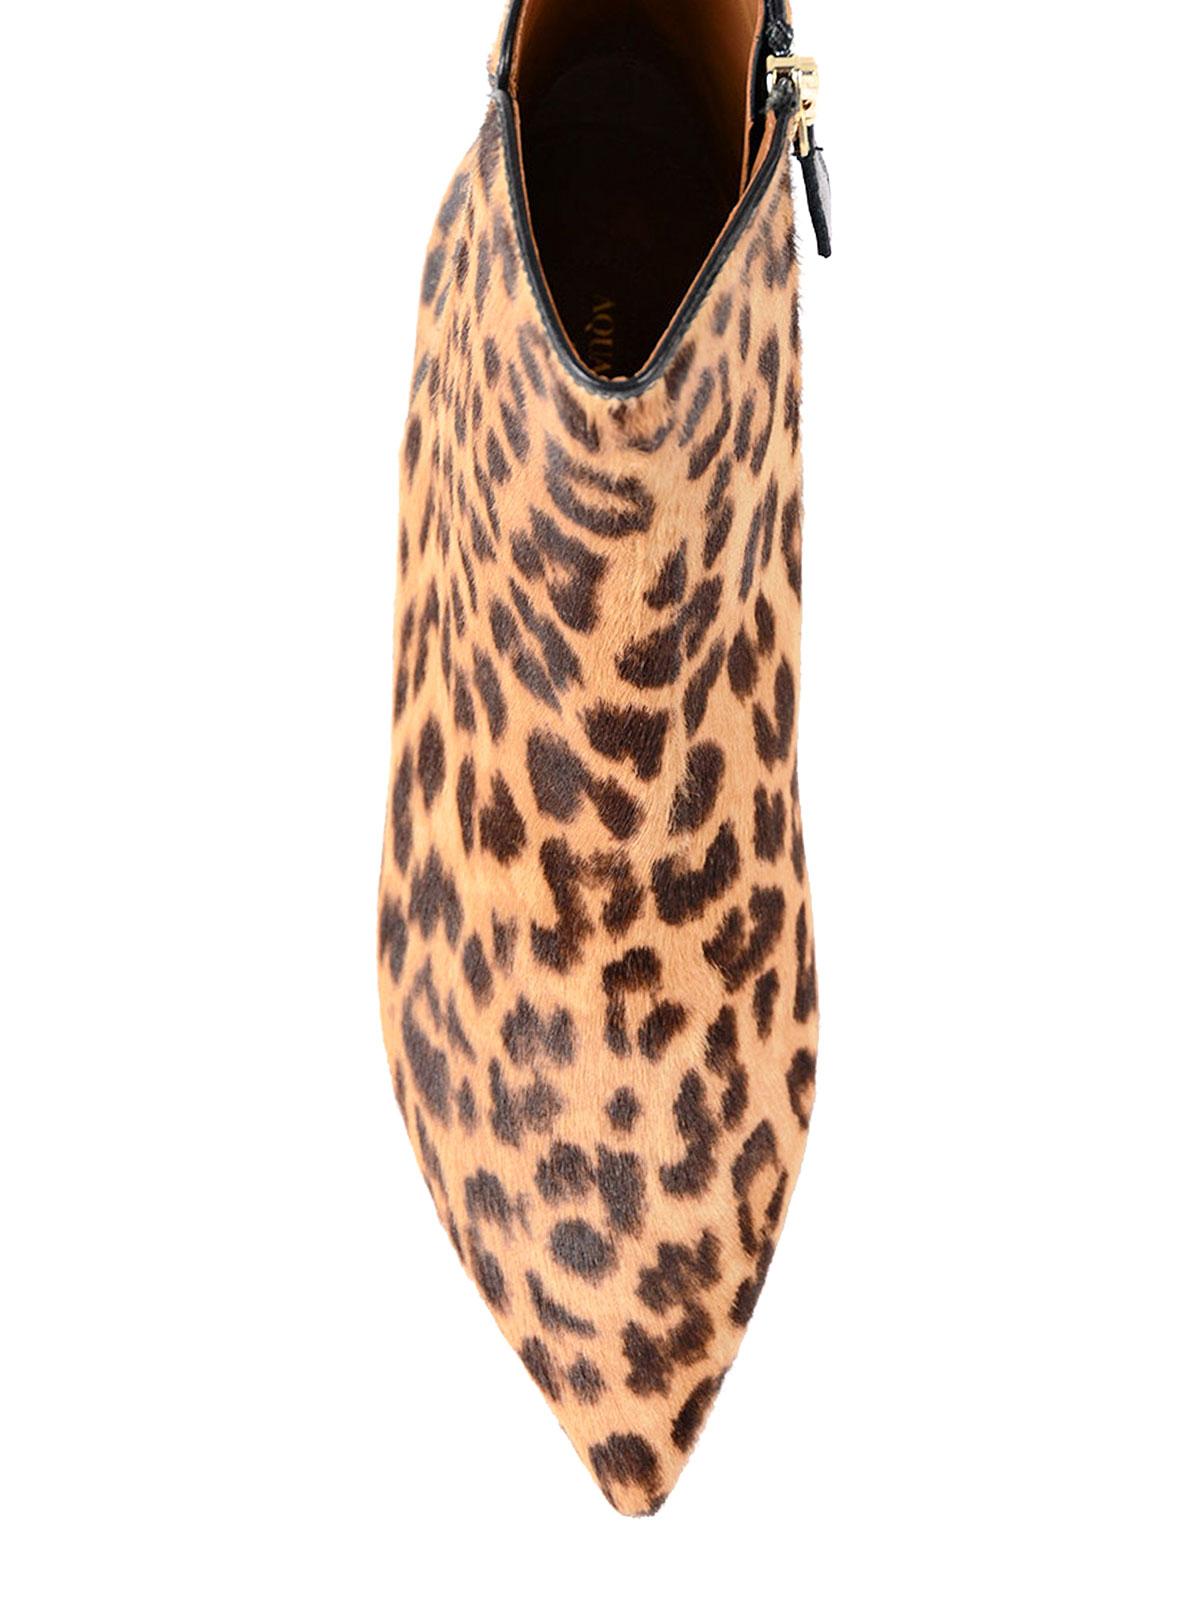 048d45e41263 iKRIX Aquazzura: ankle boots - Quant Leo print calf hair booties